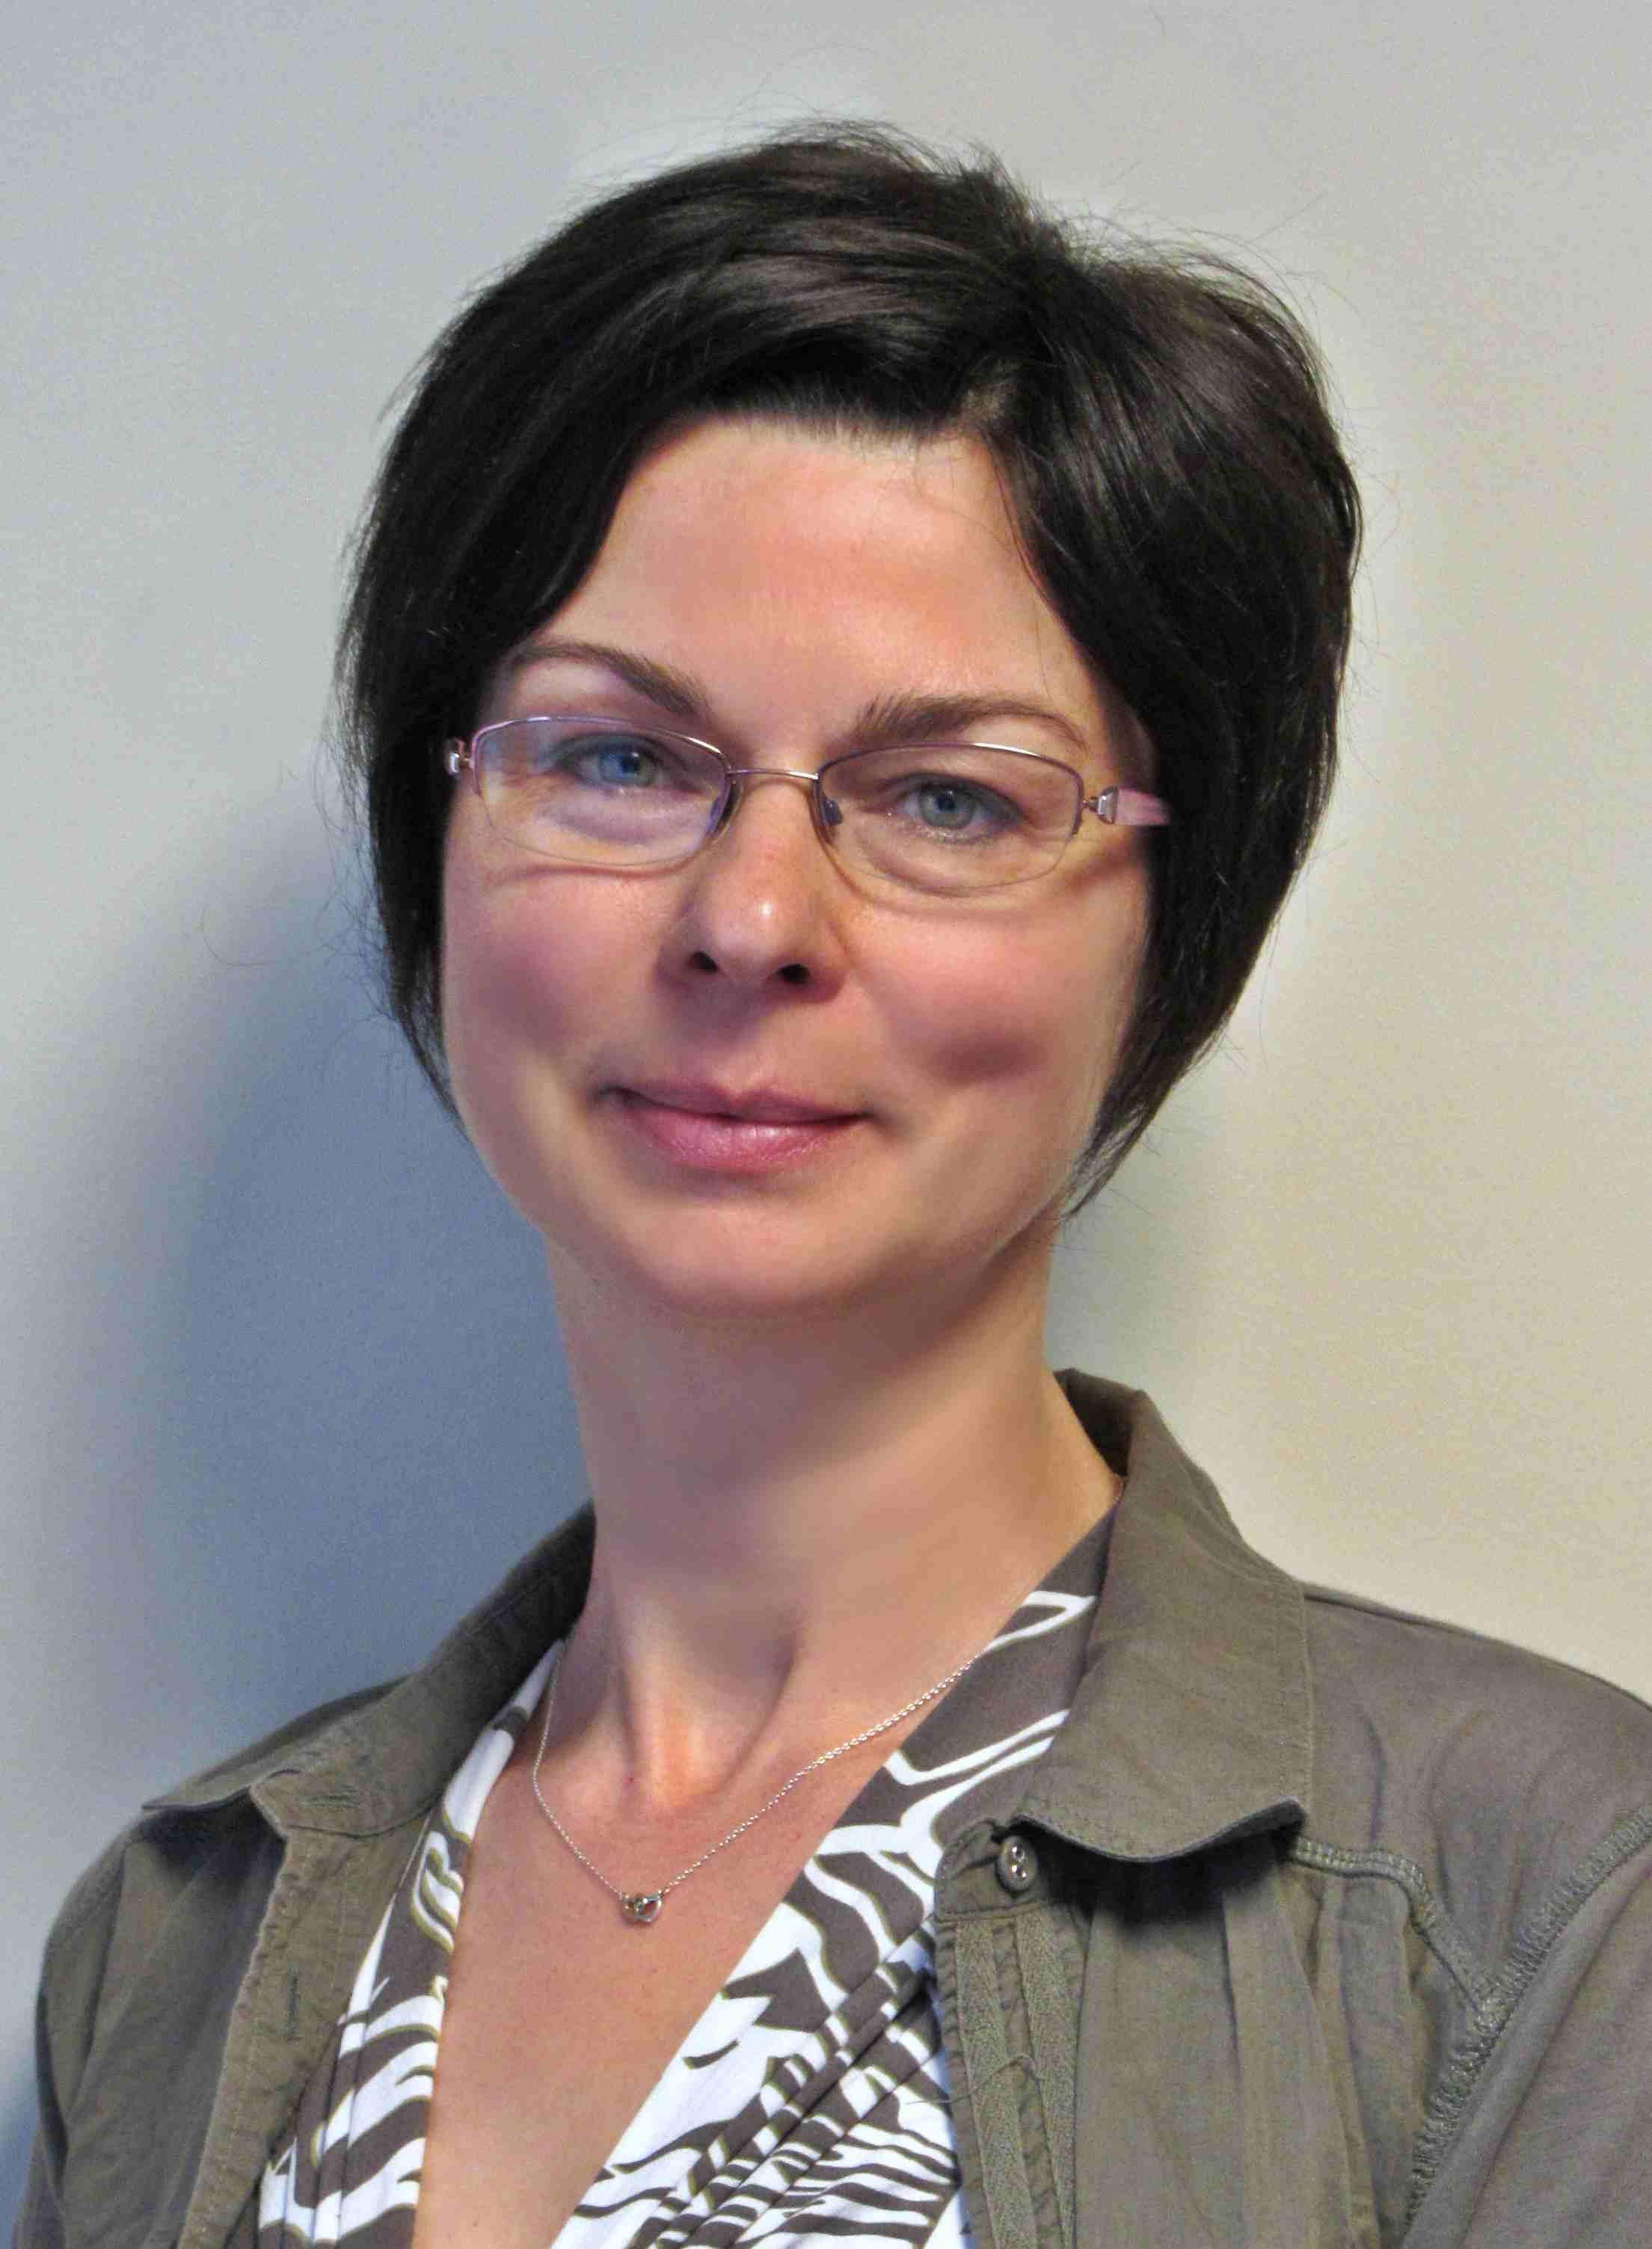 Mihaela Pirvulescu, Associate Professor